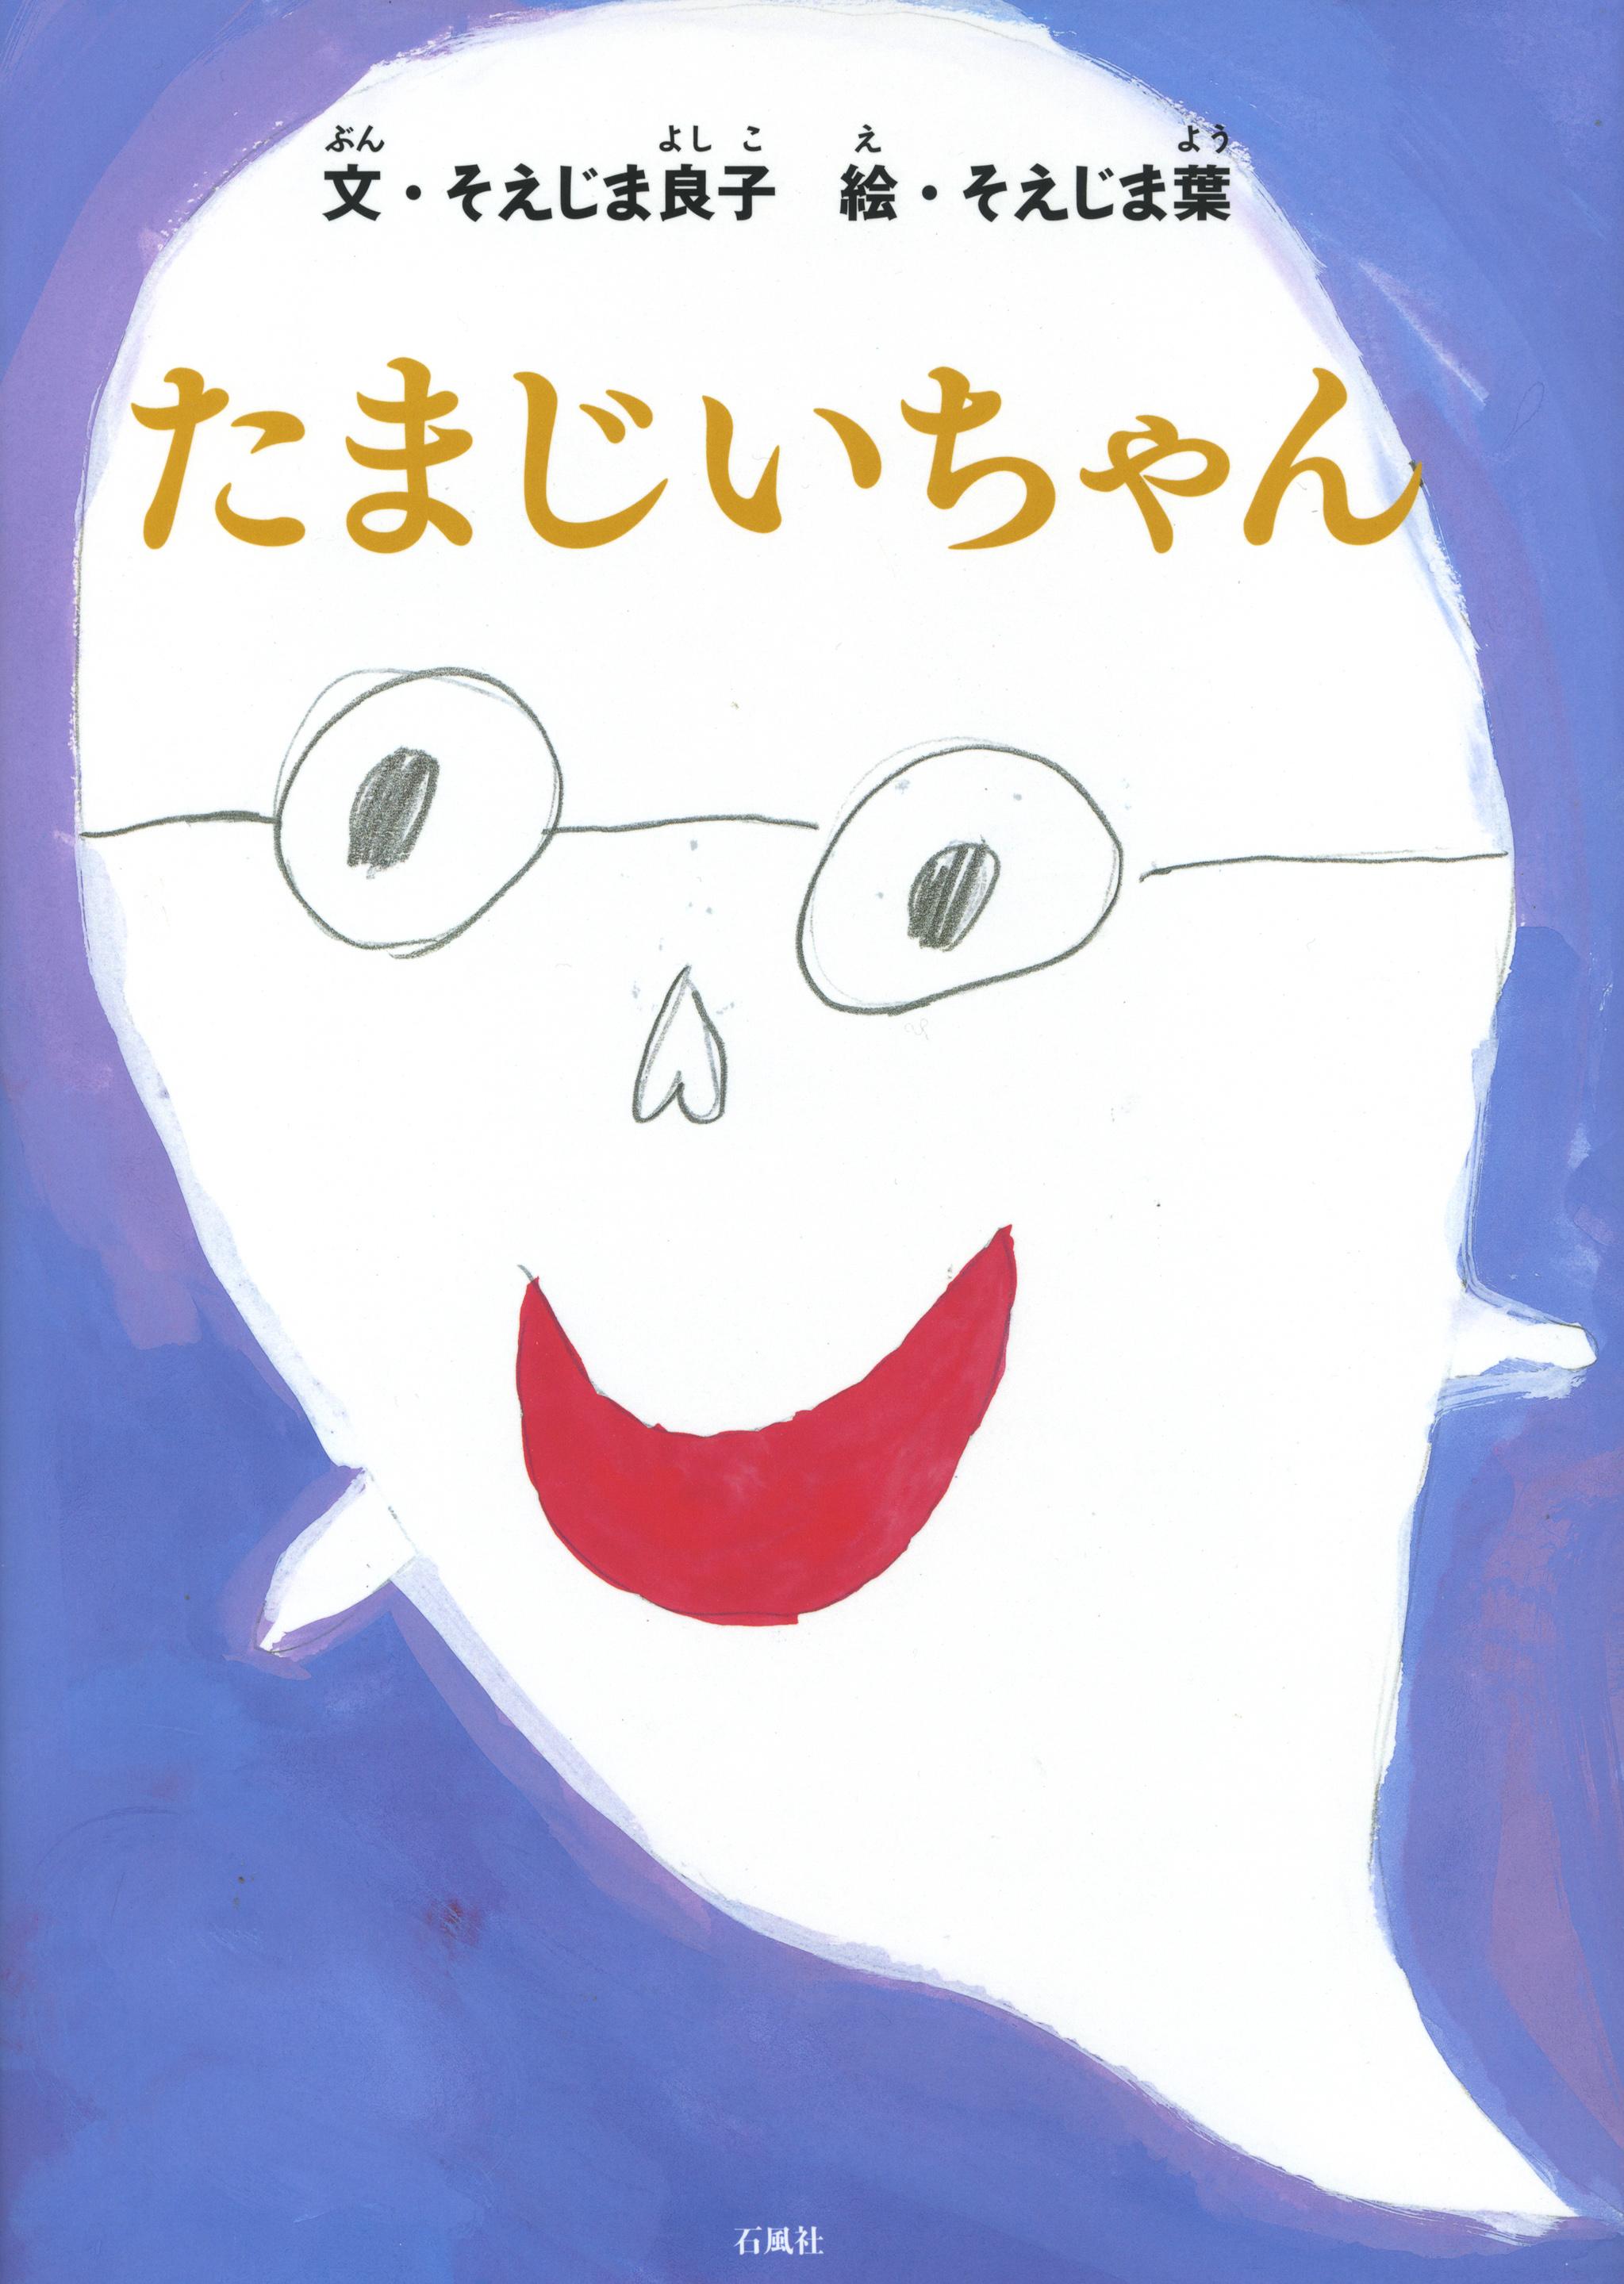 たまじいちゃん 絵本 そえじま良子 そえじま葉 魂 四十九日 死 たましい 奈良